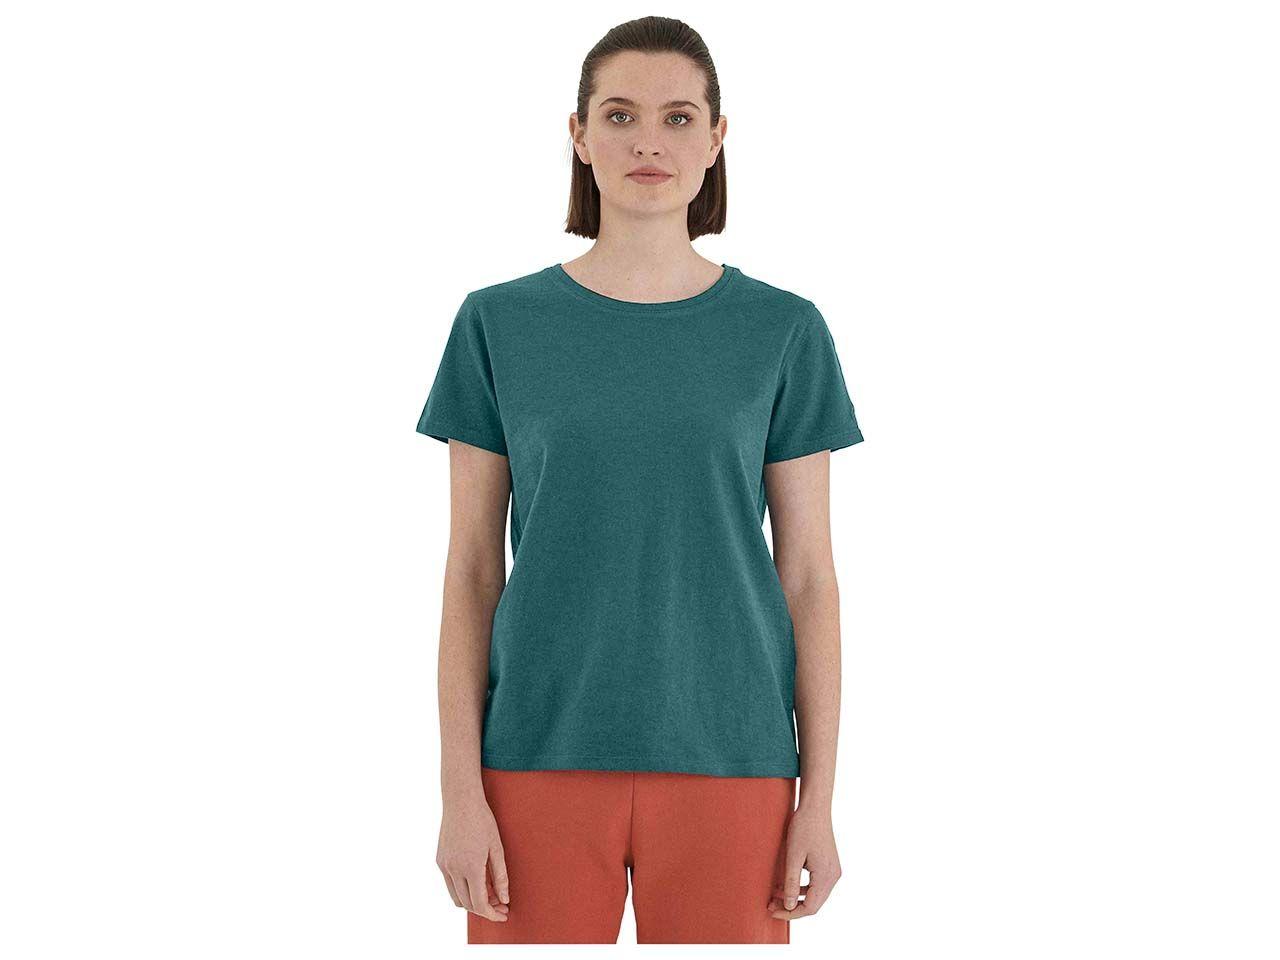 ORGANICATION Bio-Damen-Basic-Shirt, seaweed, Gr. S WOR 10553